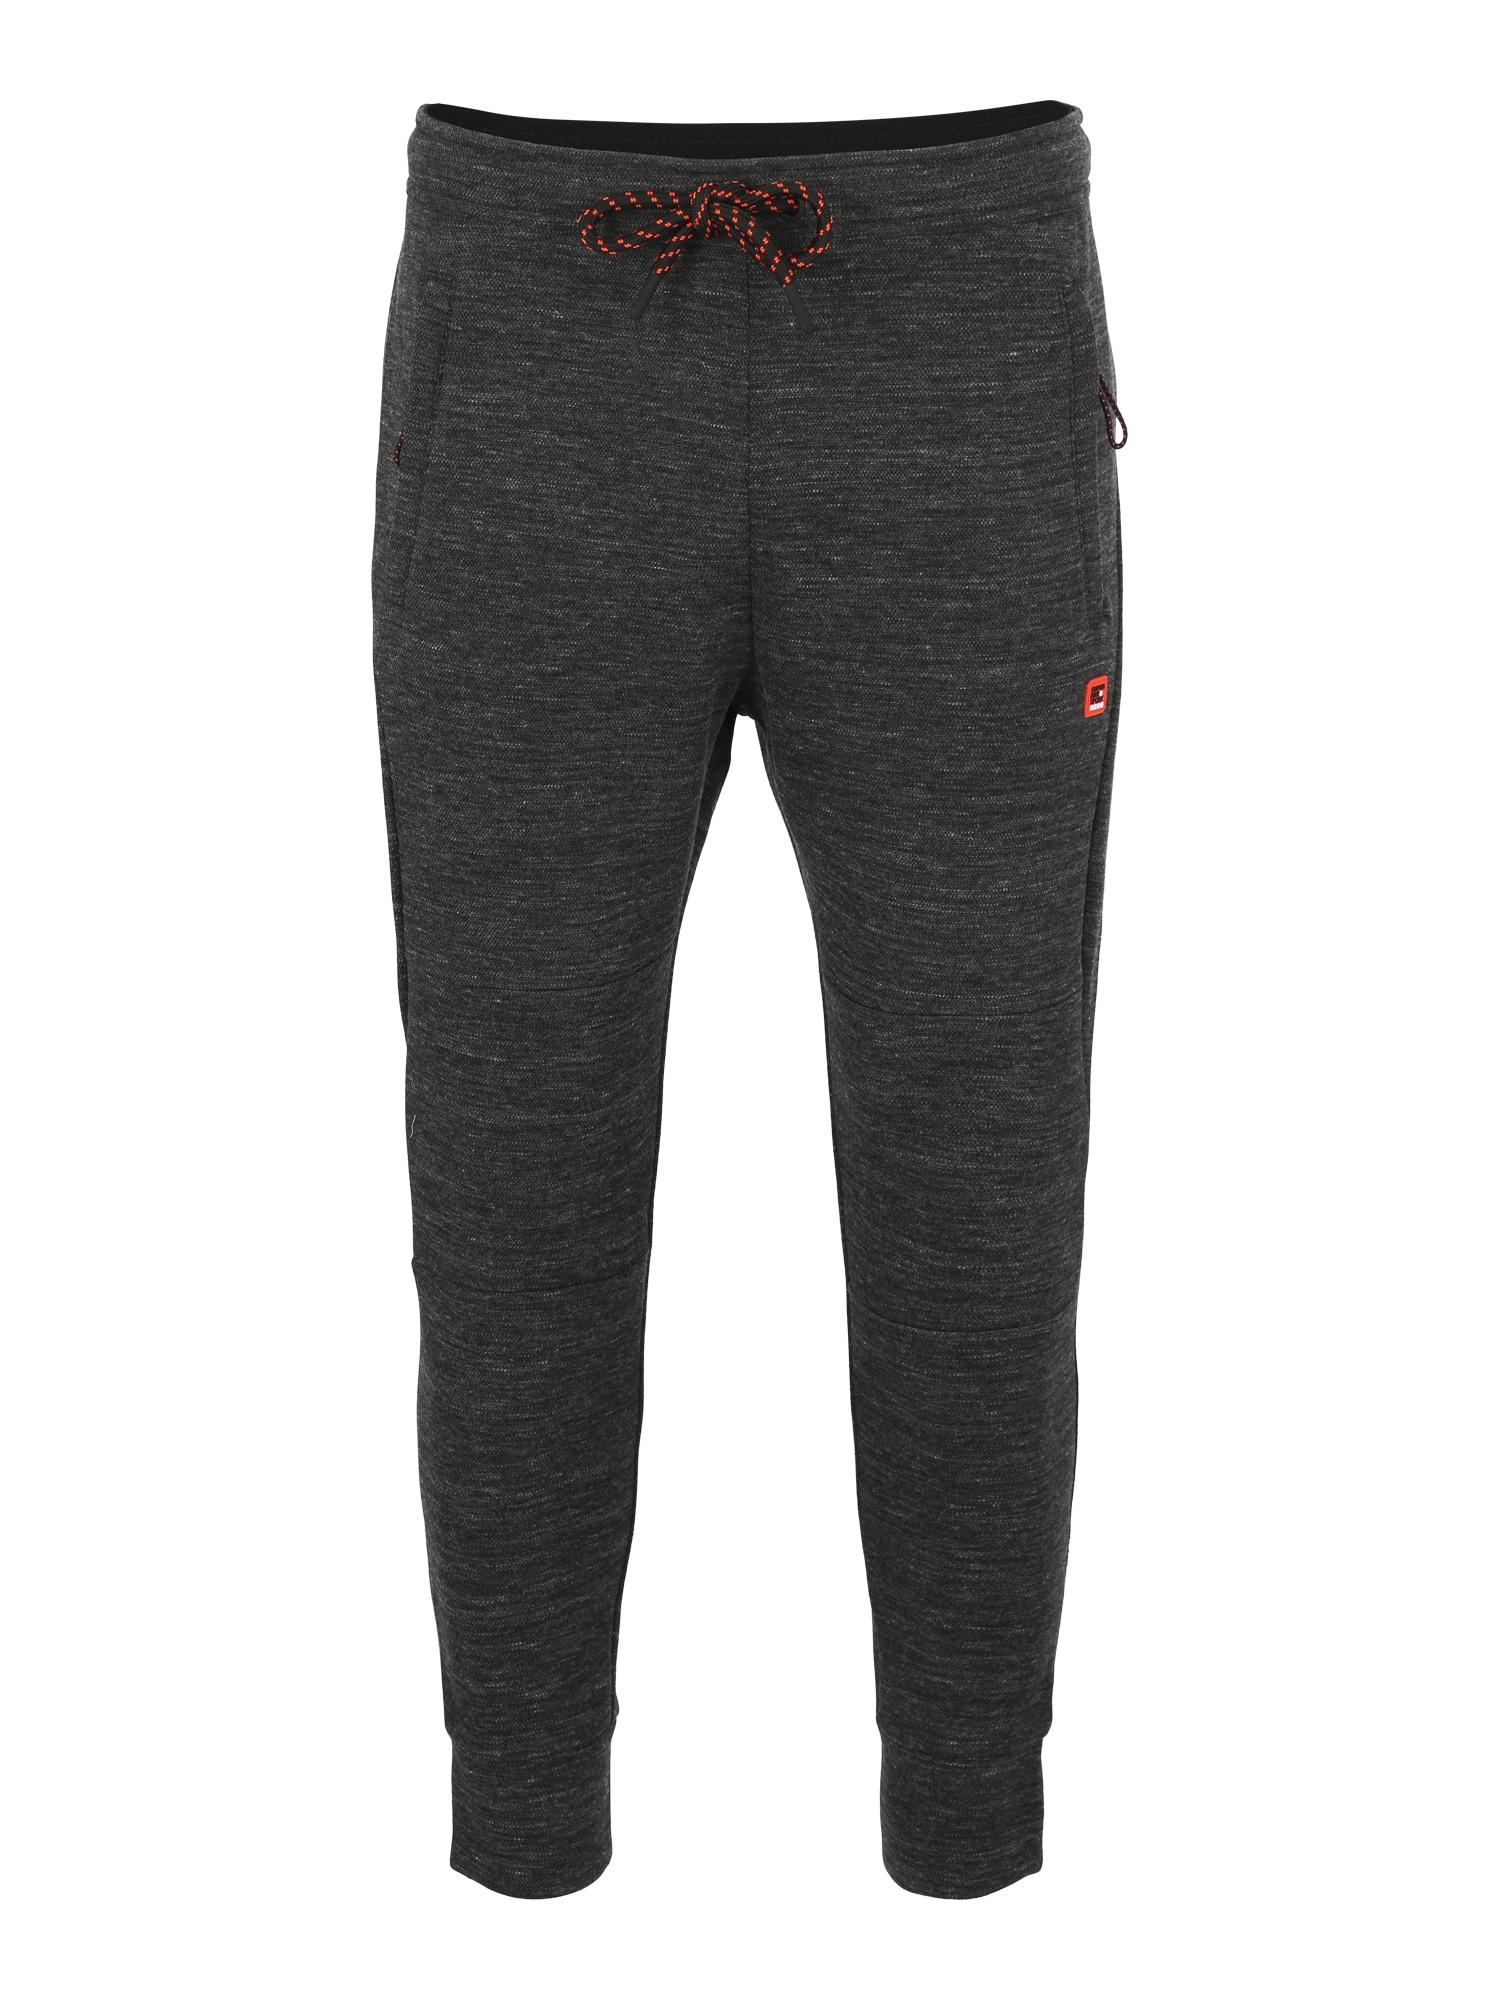 Sportovní kalhoty GYM TECH PIQUE černá Superdry